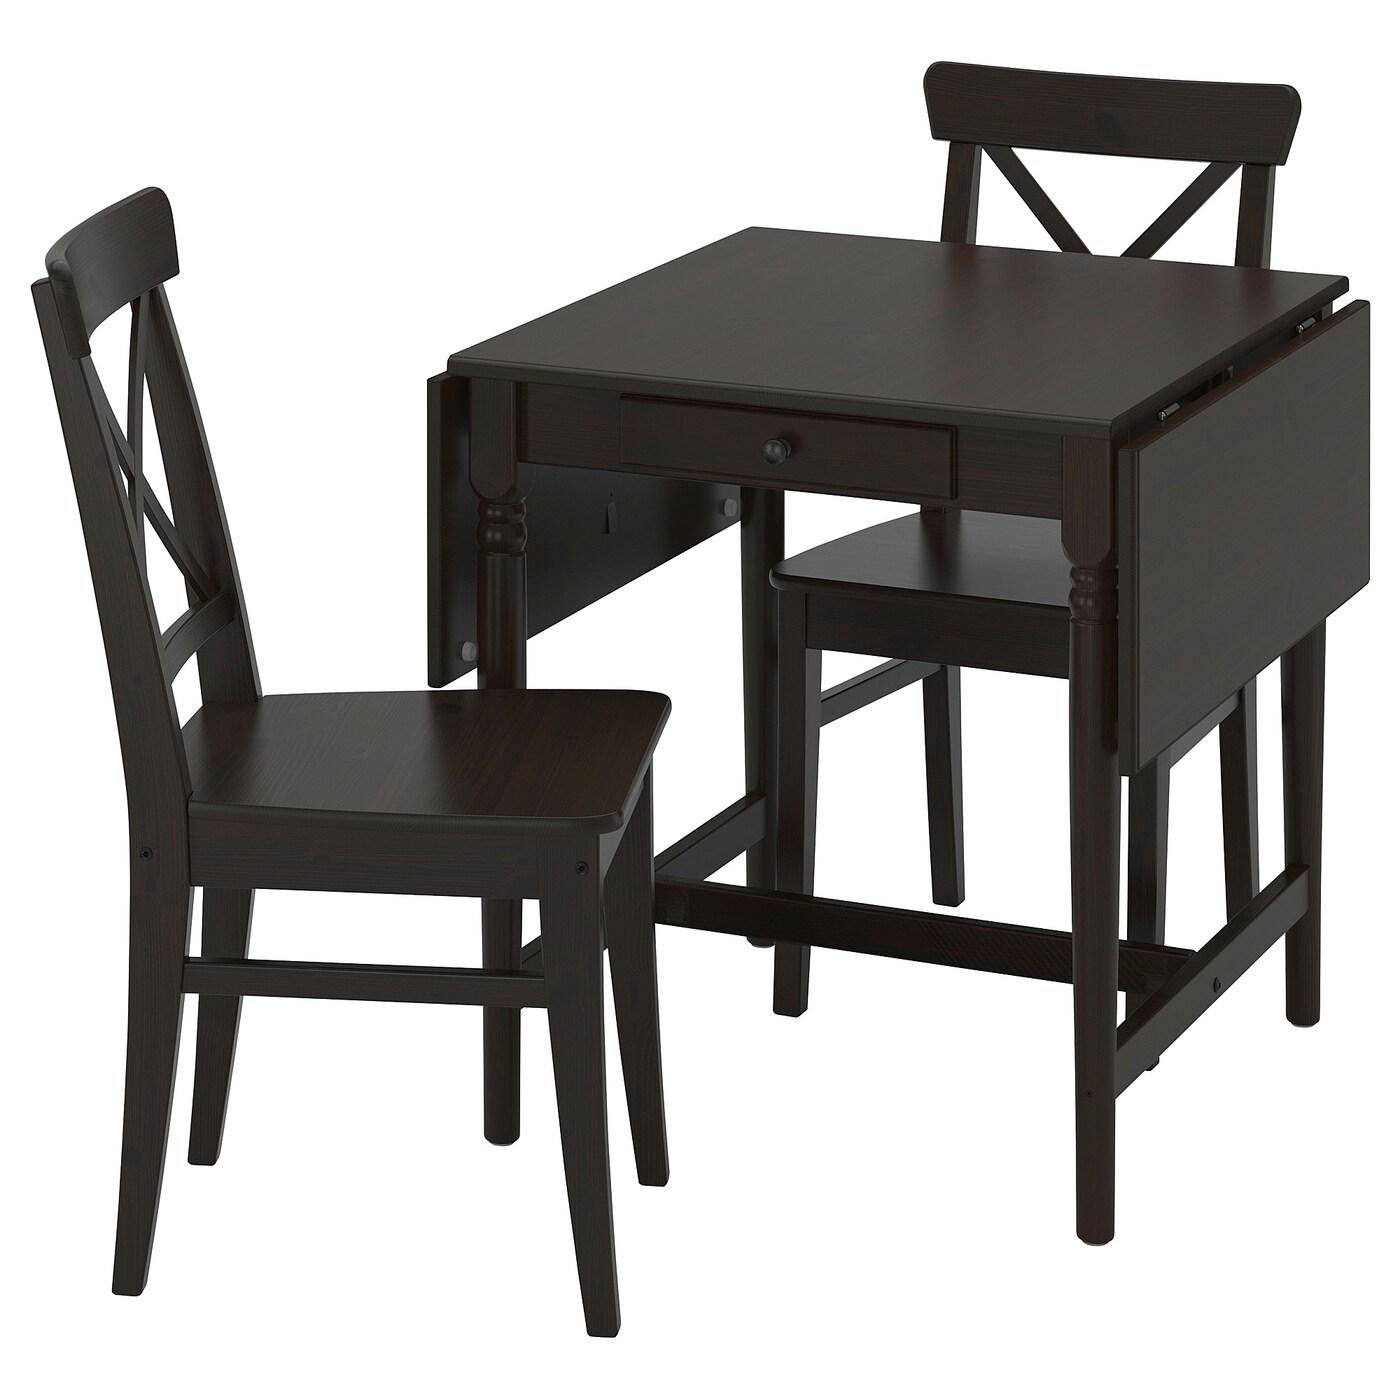 INGATORP / INGOLF Tisch und 2 Stühle - schwarzbraun/braunschwarz